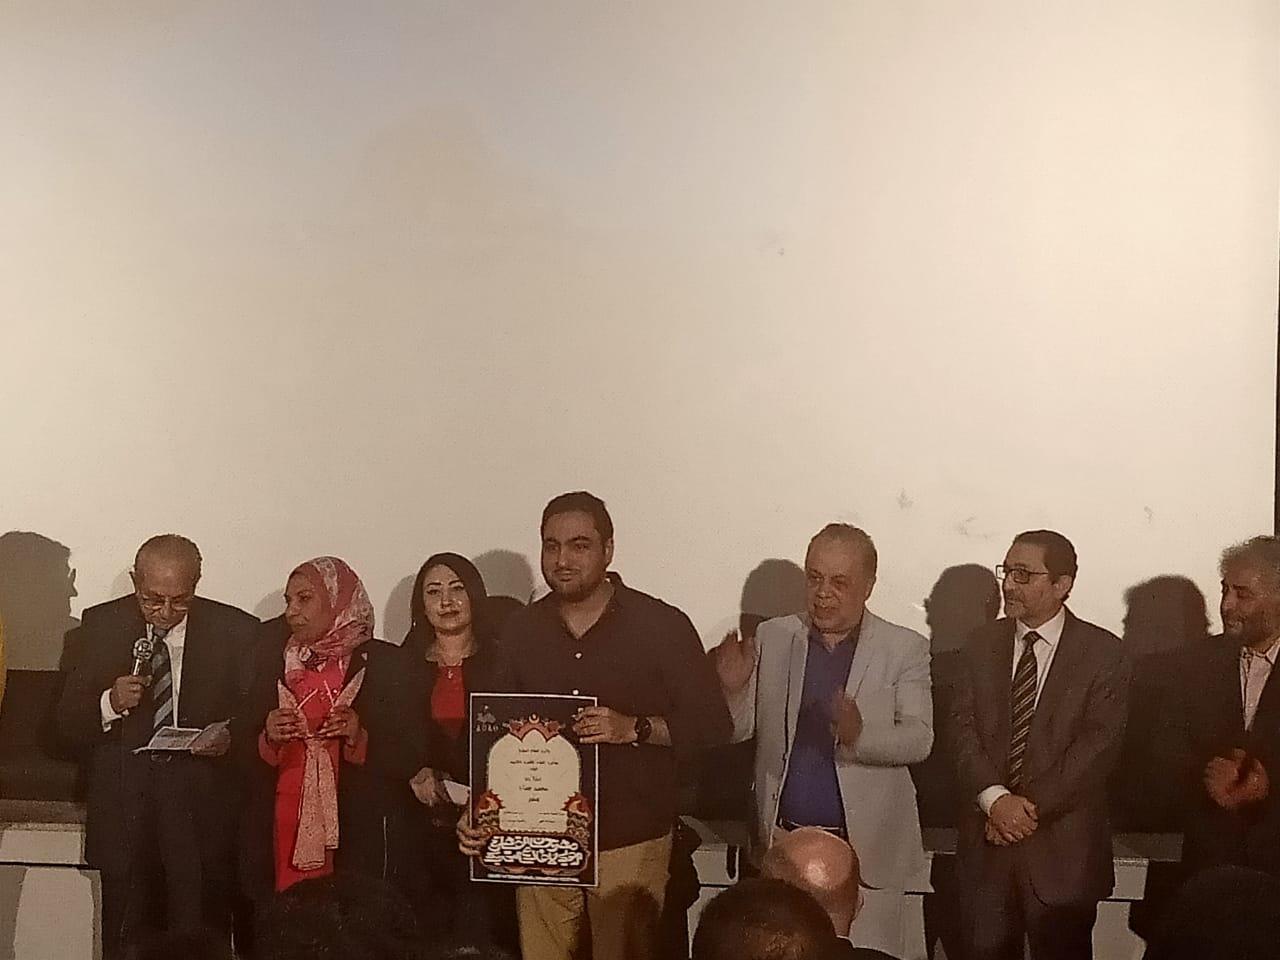 جوائز مهرجان القاهرة الدولي (4)